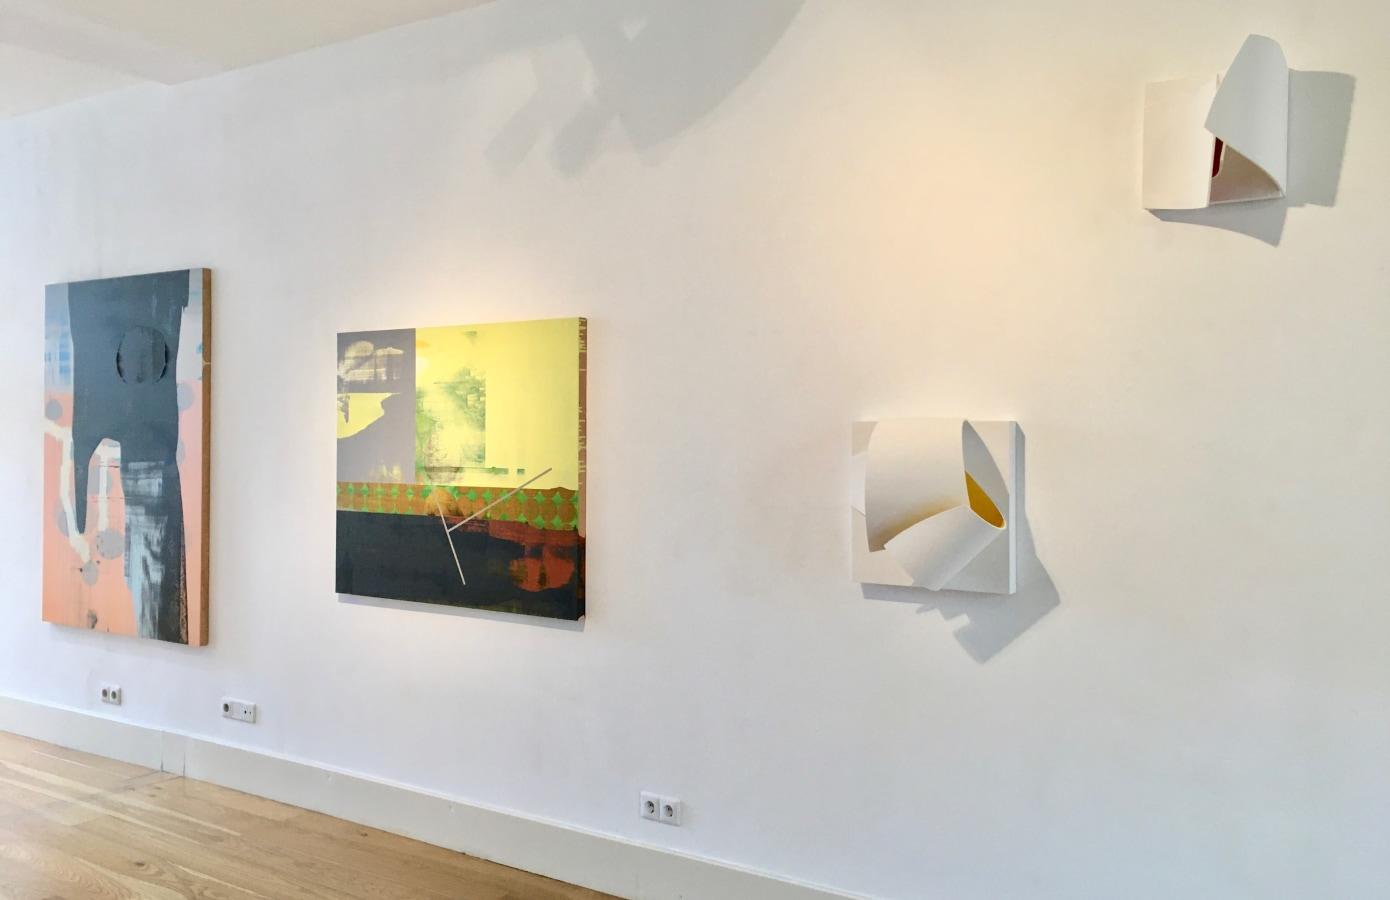 Remembrance, Bas Lobik, David Engel, René Korten,